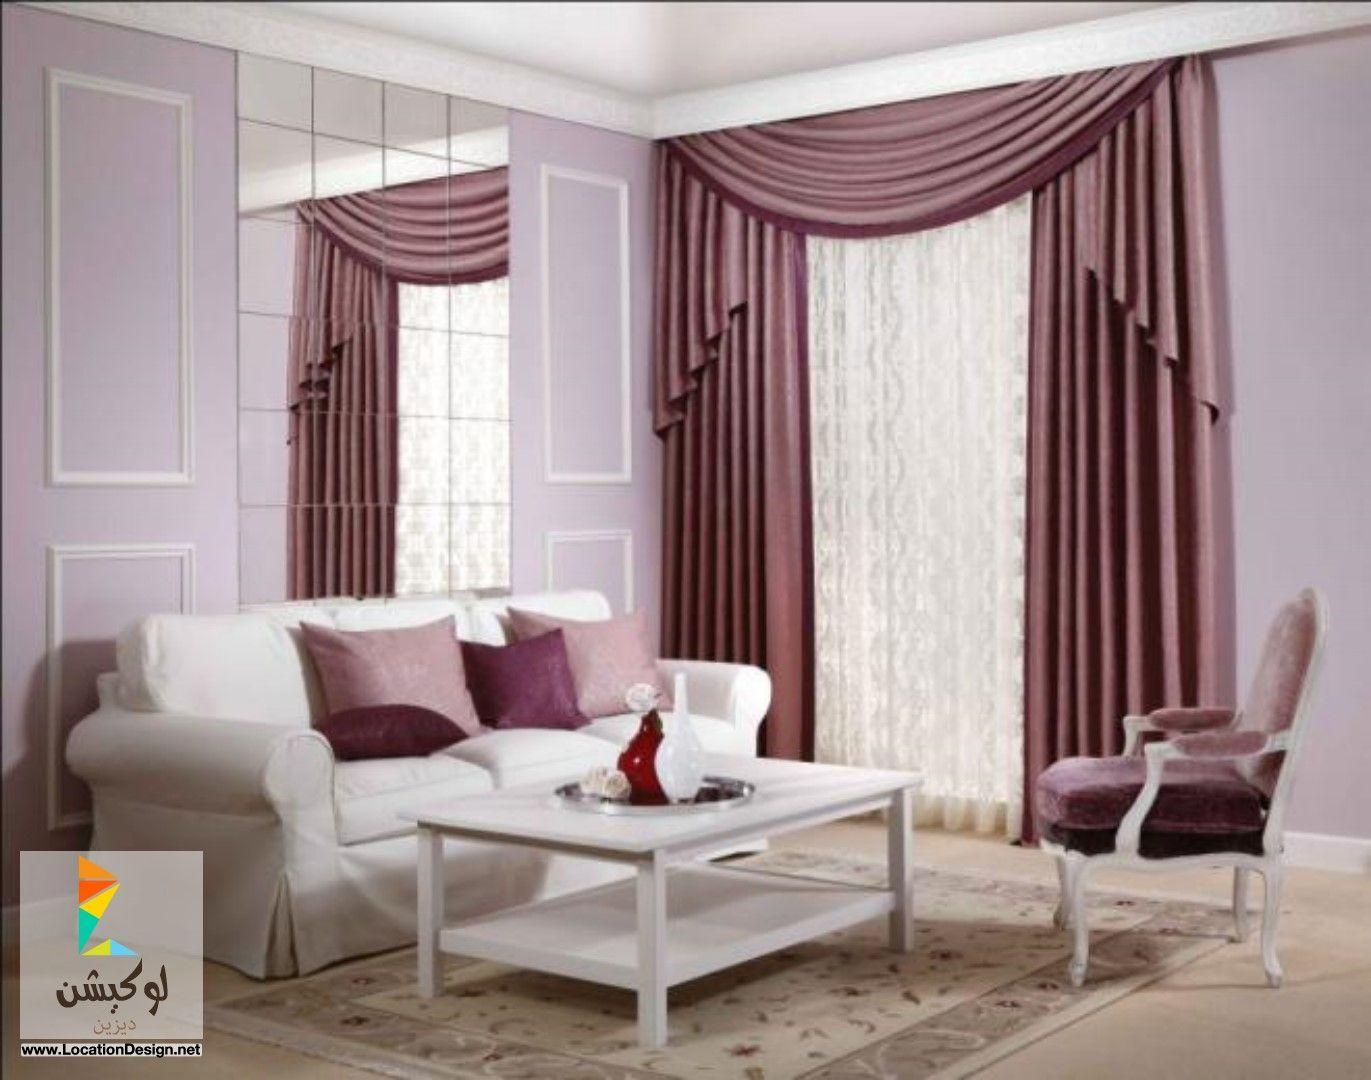 ستائر غرف نوم مودرن Stylish Curtains Curtains Living Room Dining Room Curtains